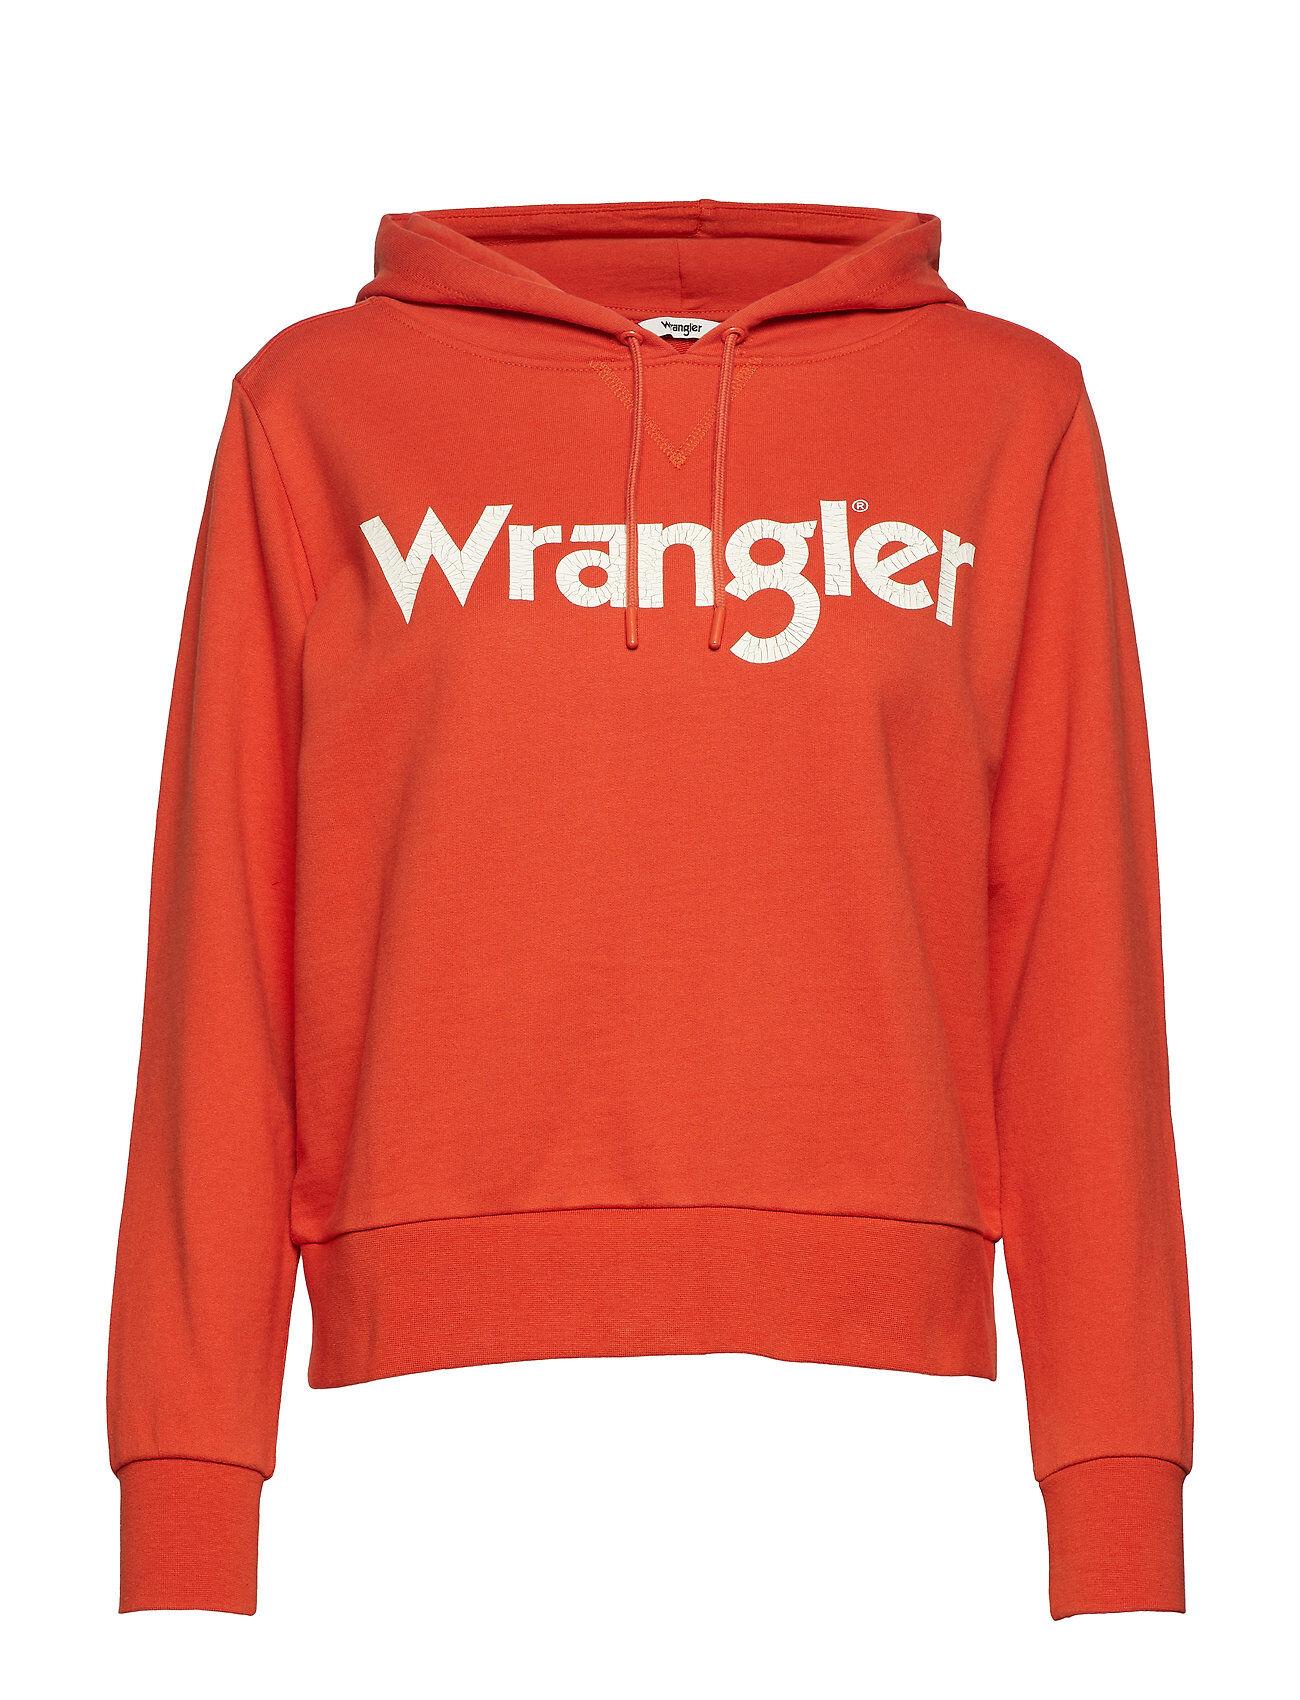 Wrangler Logo Hoody